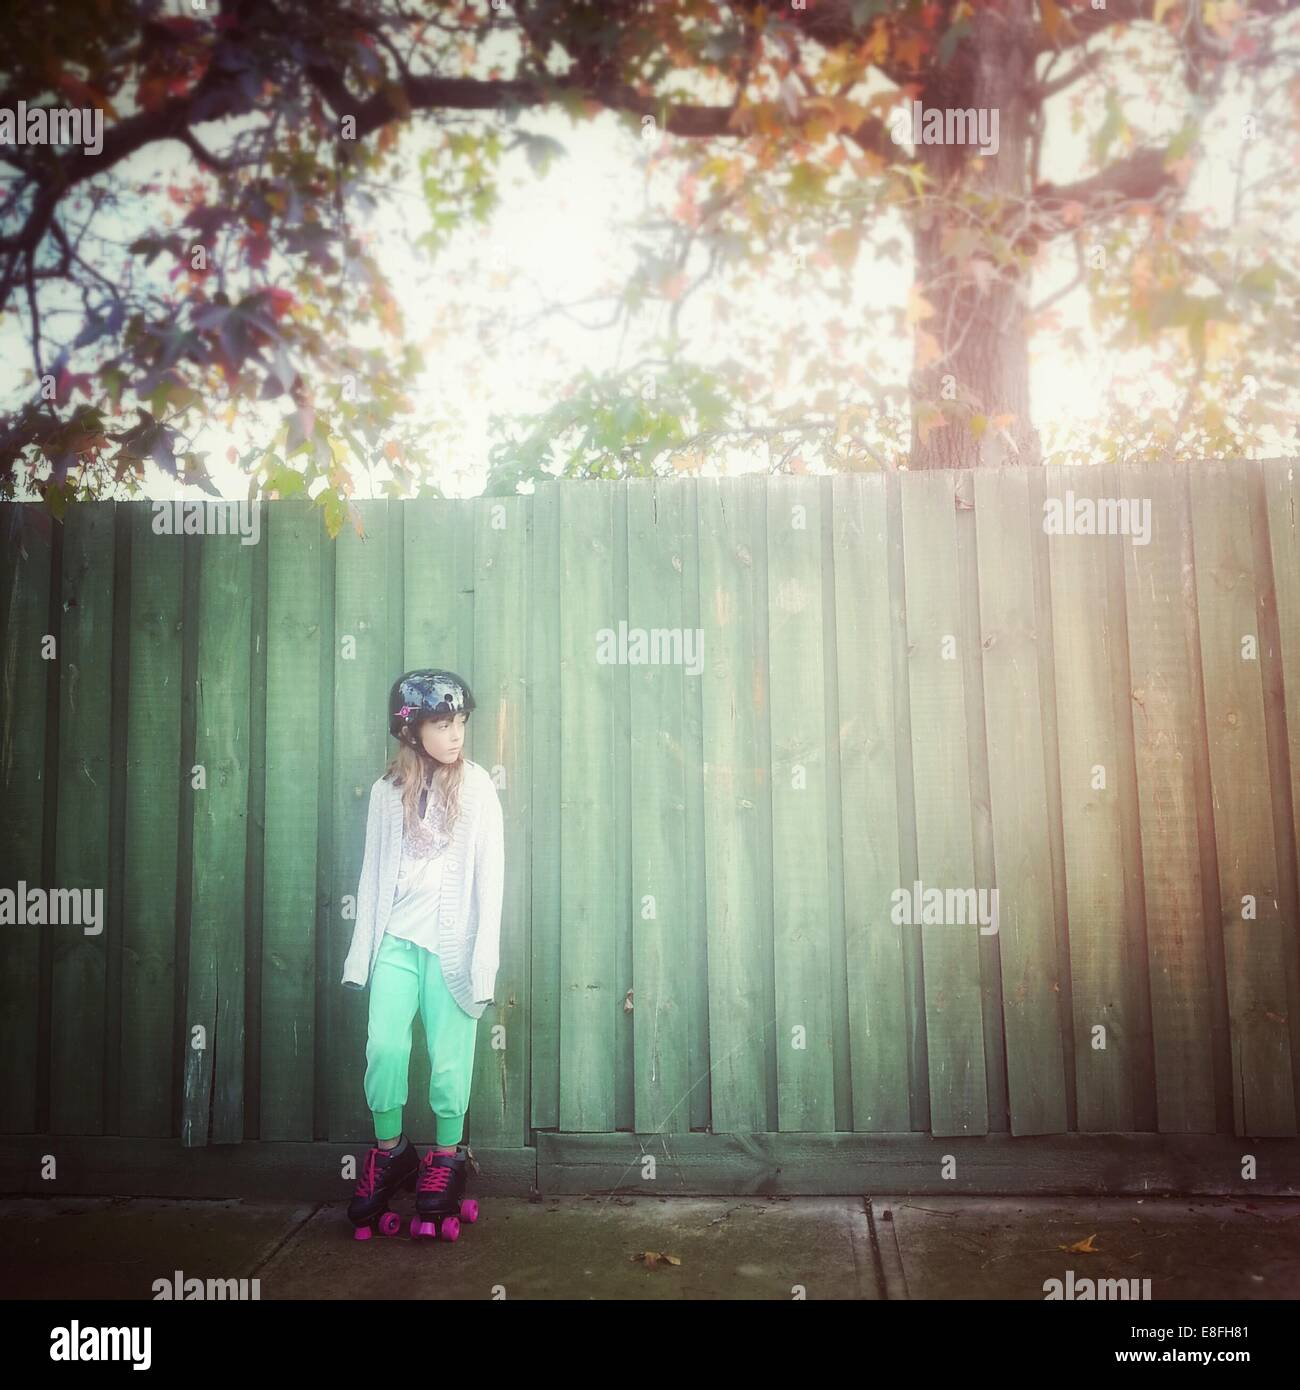 Ragazza indossando rollerskates appoggiata contro la recinzione Immagini Stock